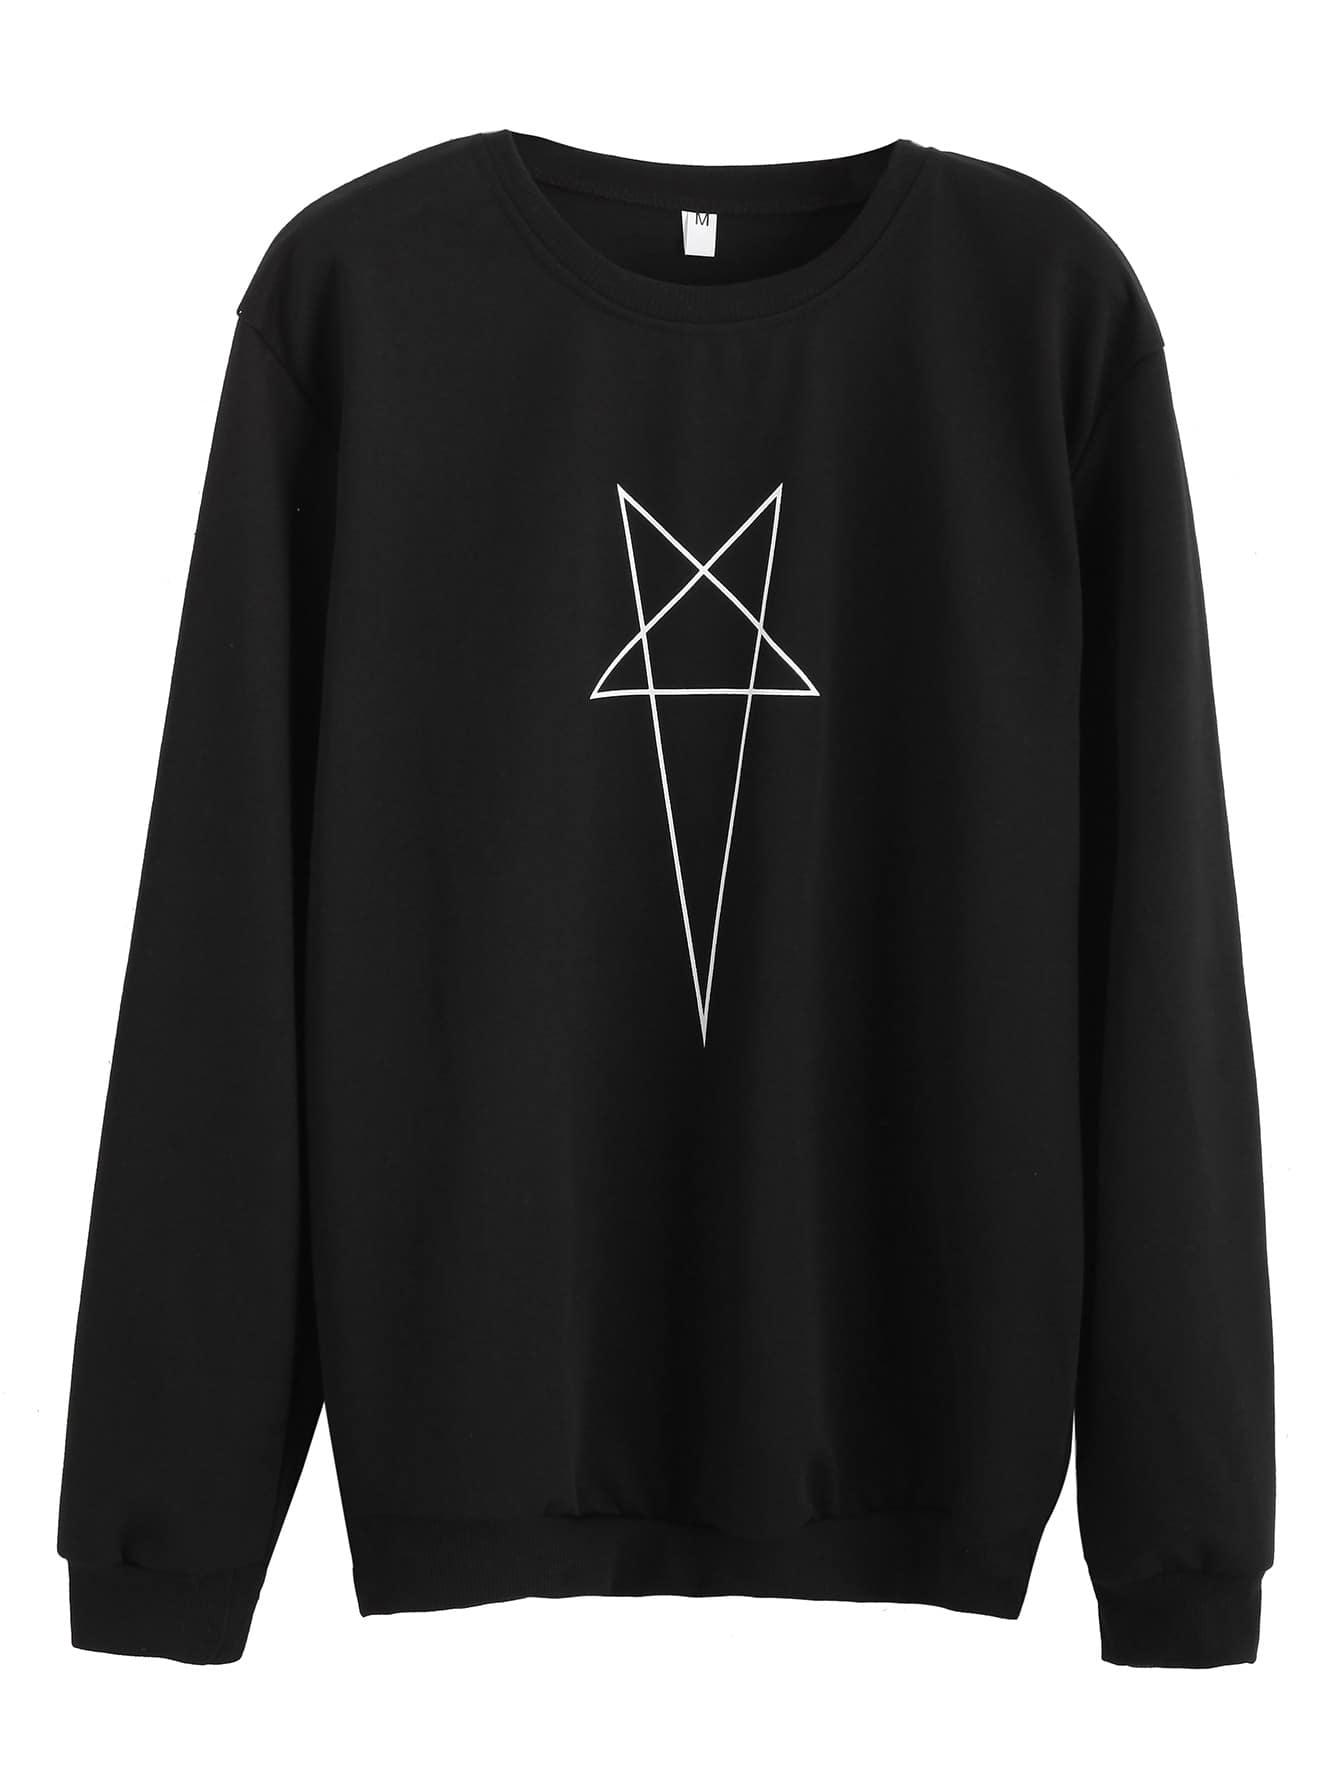 sweatshirt160901121_2